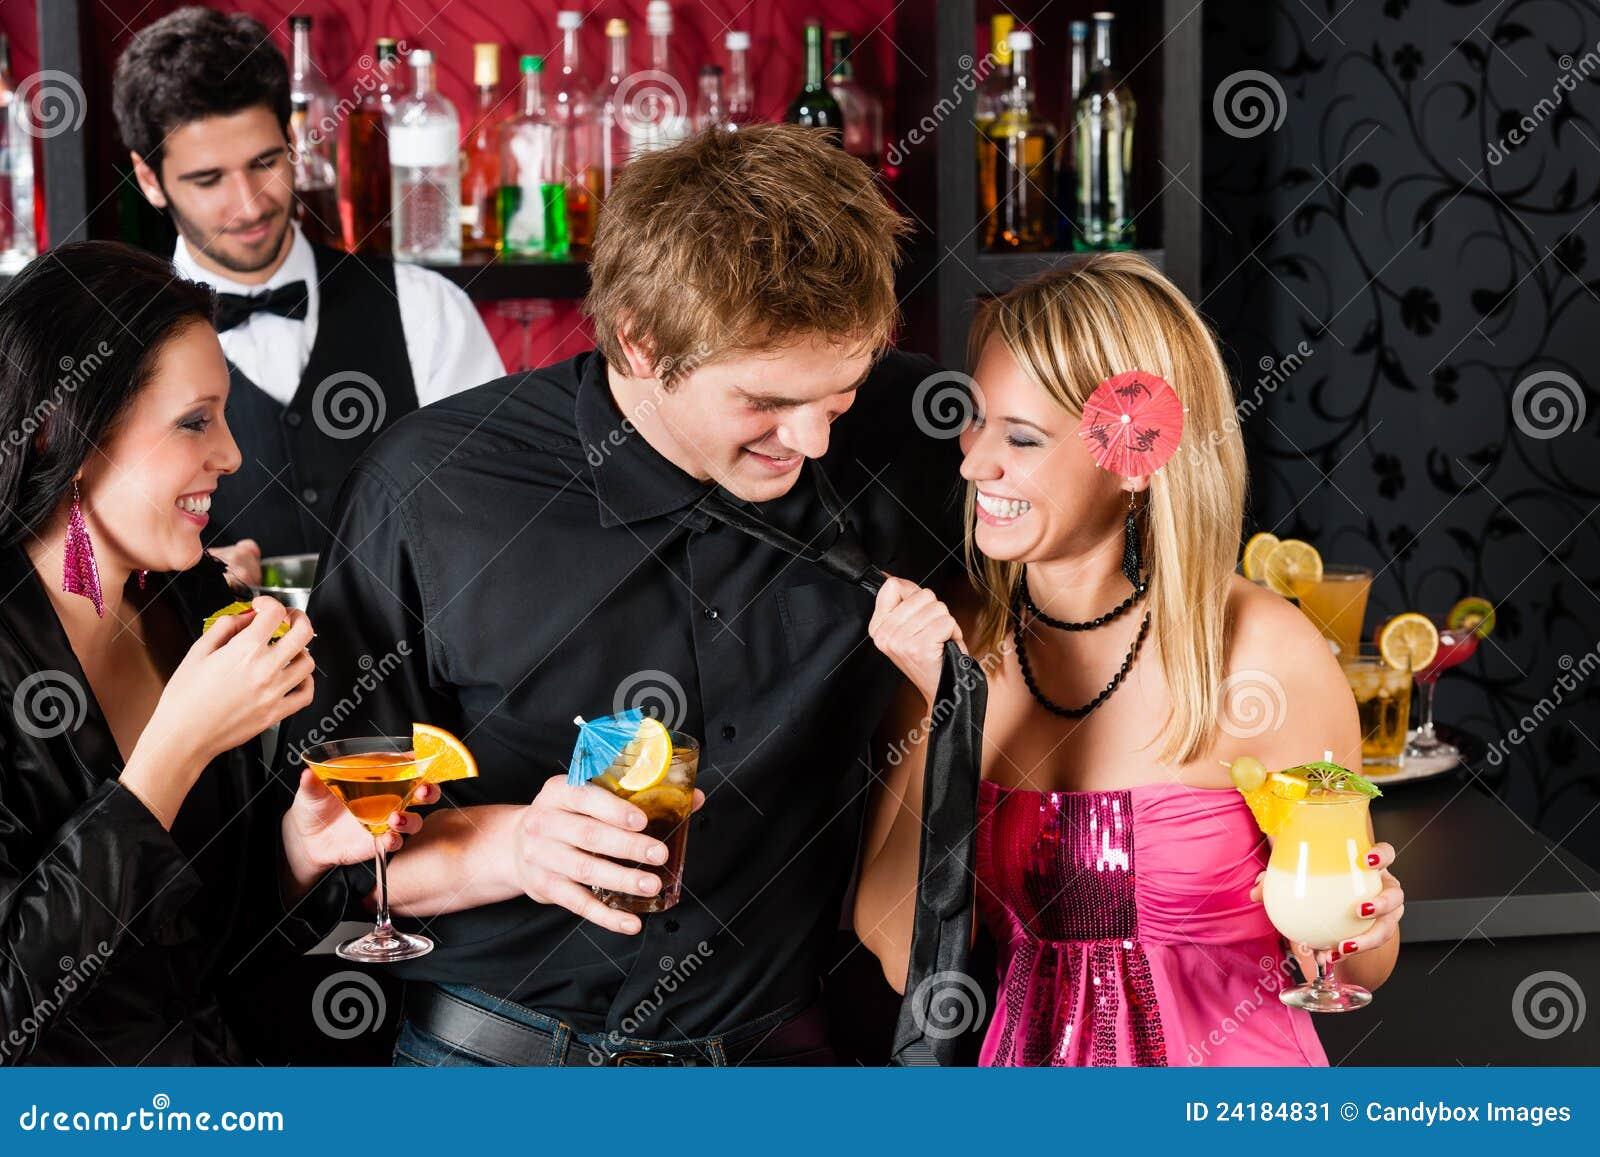 Снял телку в баре, Парень снял телку в баре и трахнул ее дома порно видео 23 фотография